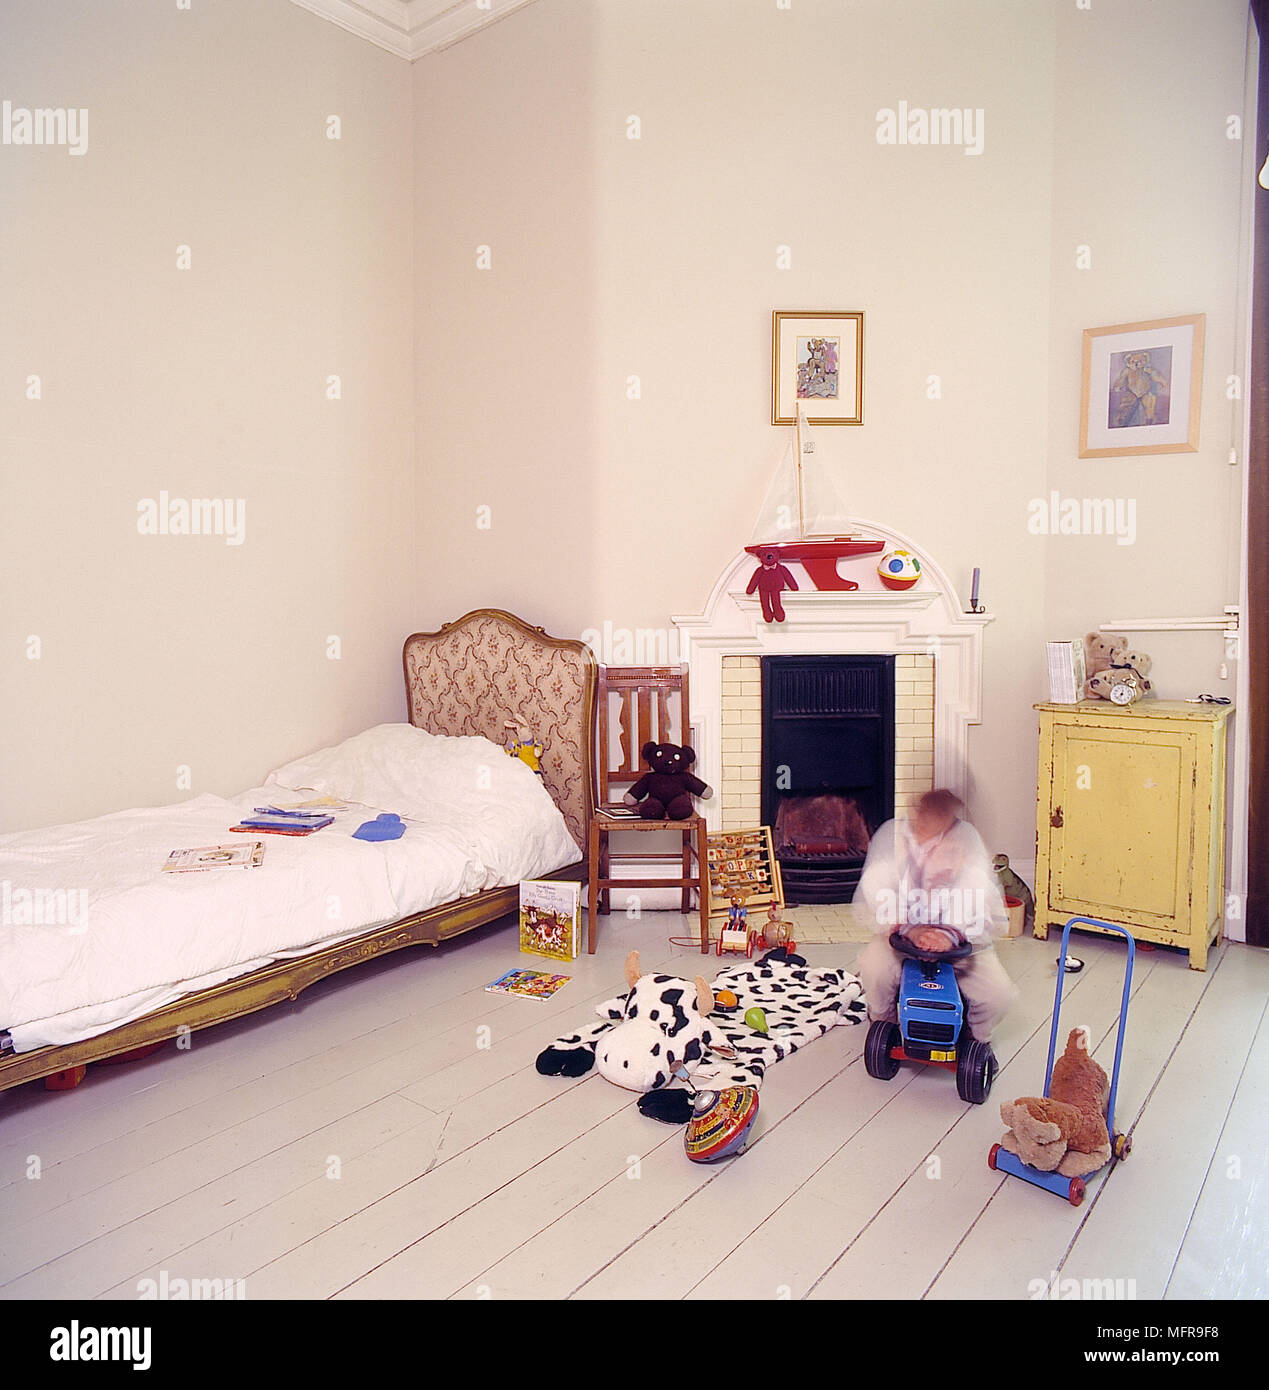 Schlafzimmer Weisse Wande Ausgezogen Dielen Franzosisches Bett Kamin